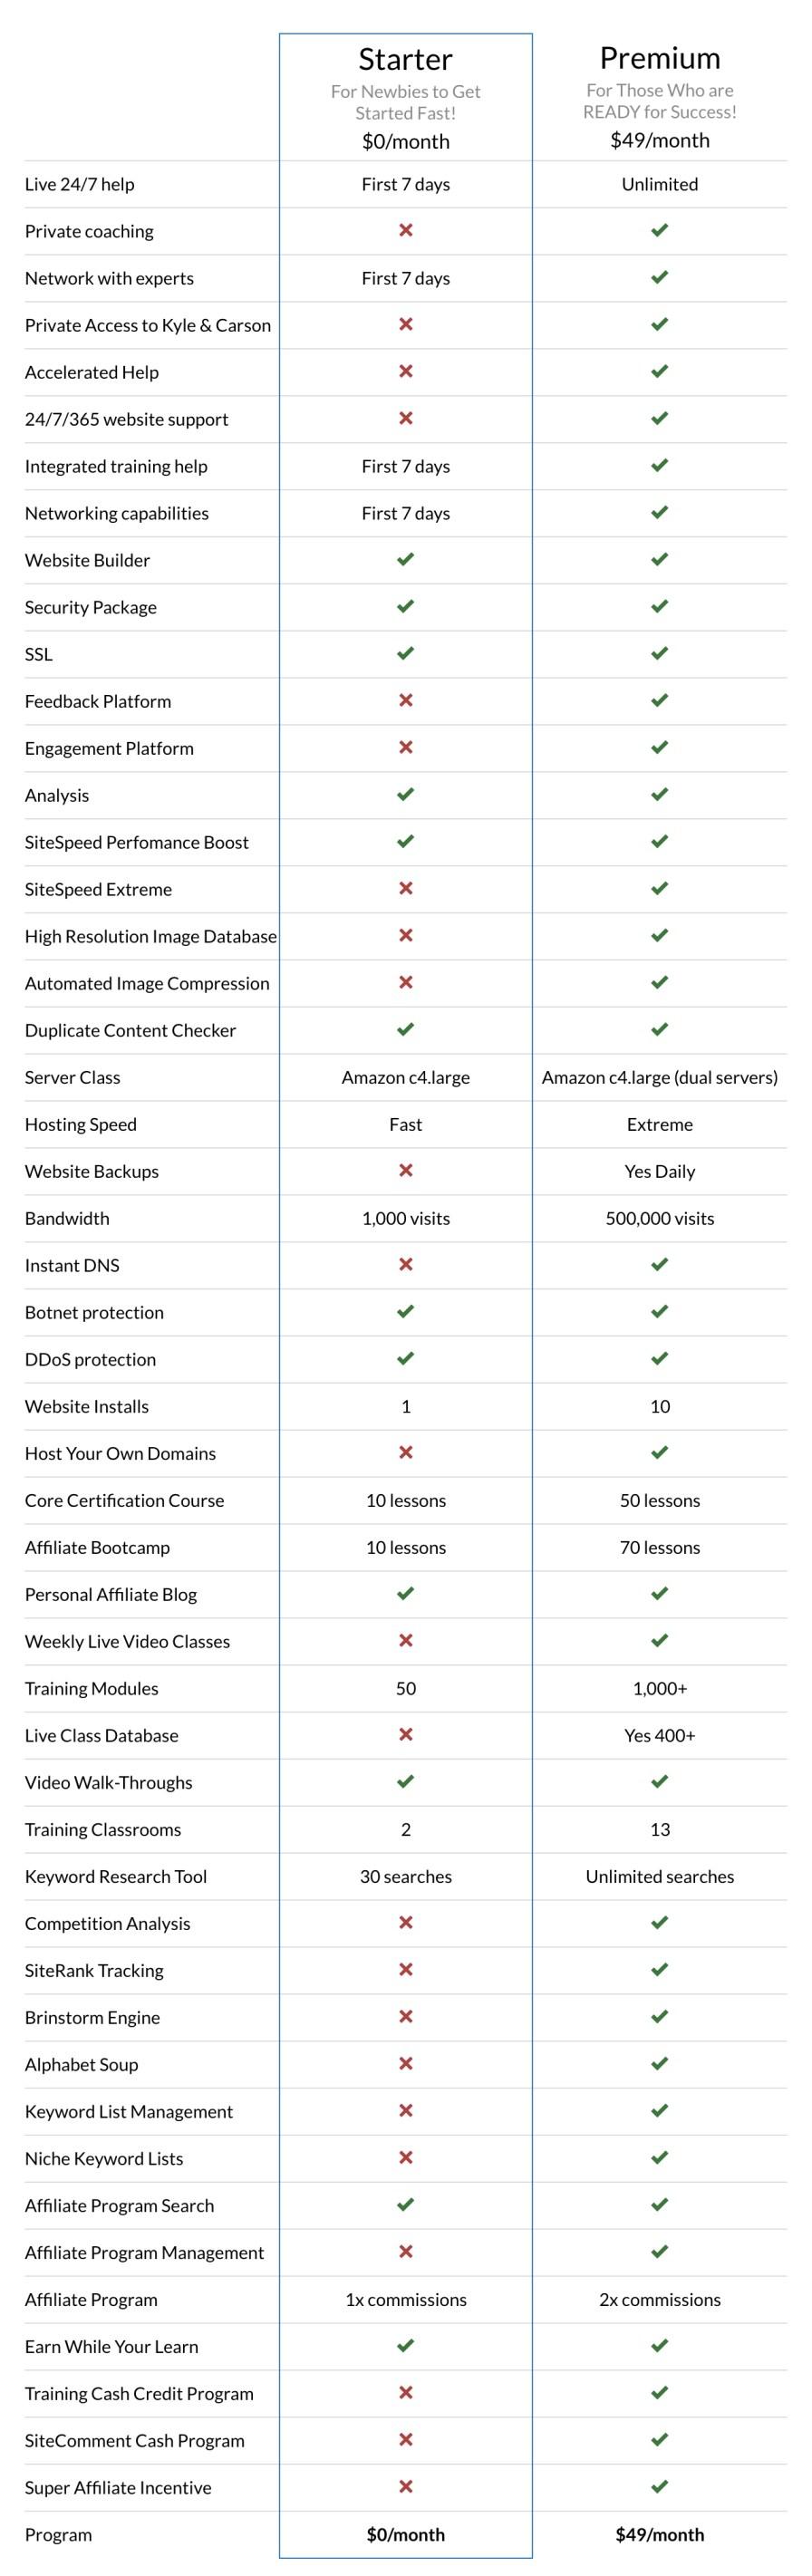 wealthy affiliate faq - comparison of free versus premium features